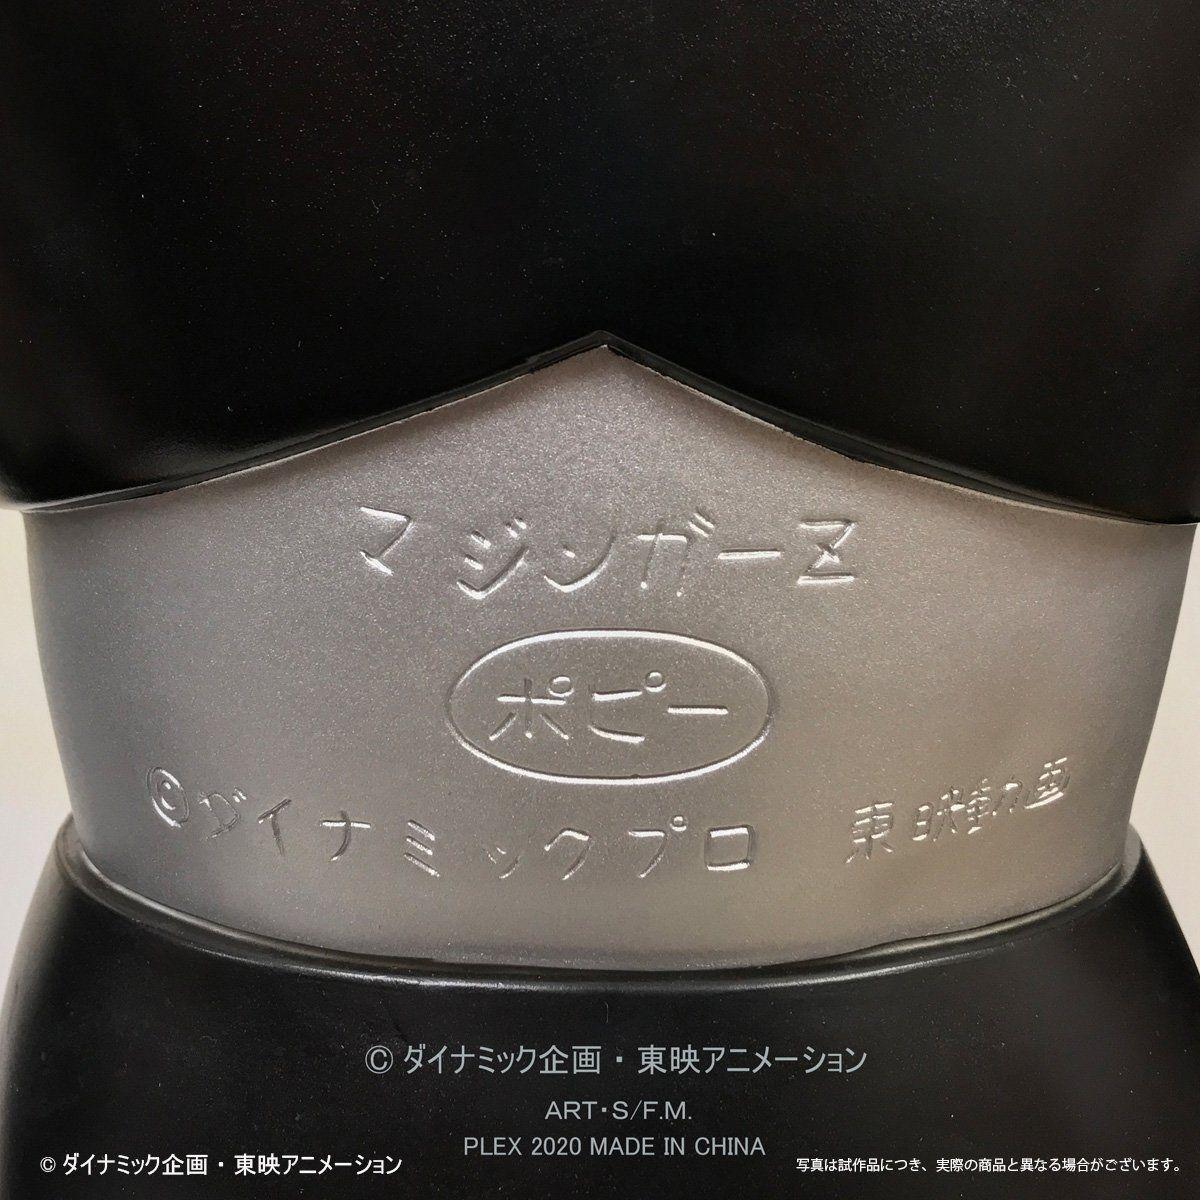 【限定販売】マジンガーZ『ポピー店頭用ジャンボマジンガーZ Aタイプ』ソフビ-008